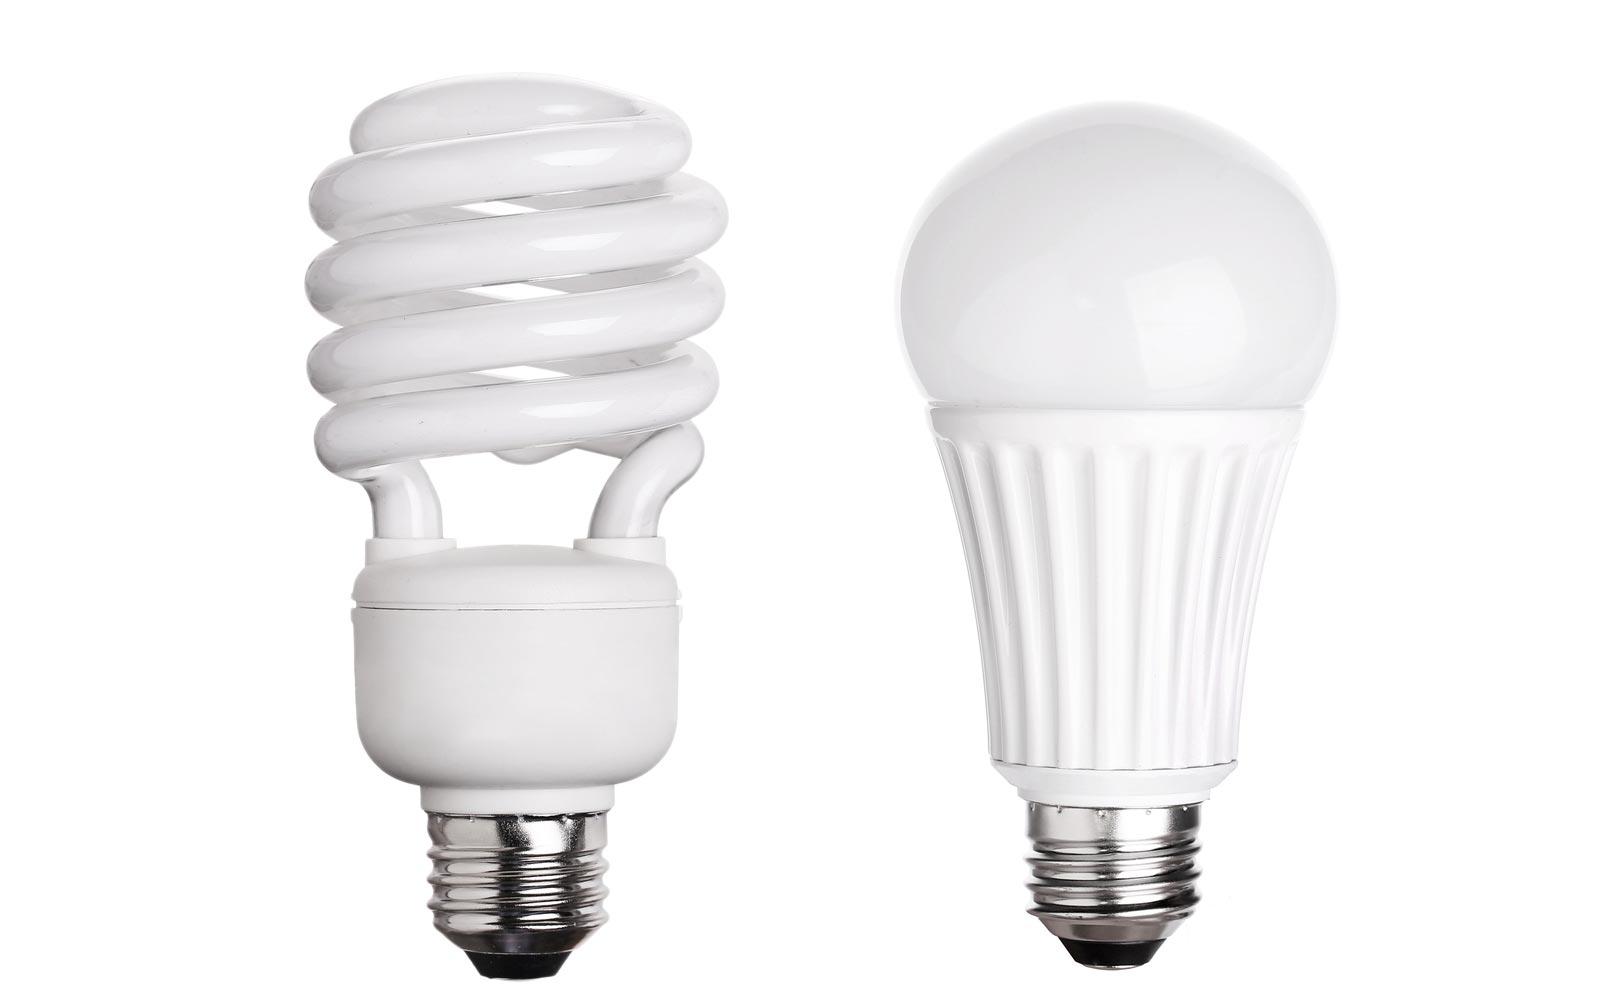 明微电子成功过会 打造全球LED驱动IC领域的领军企业